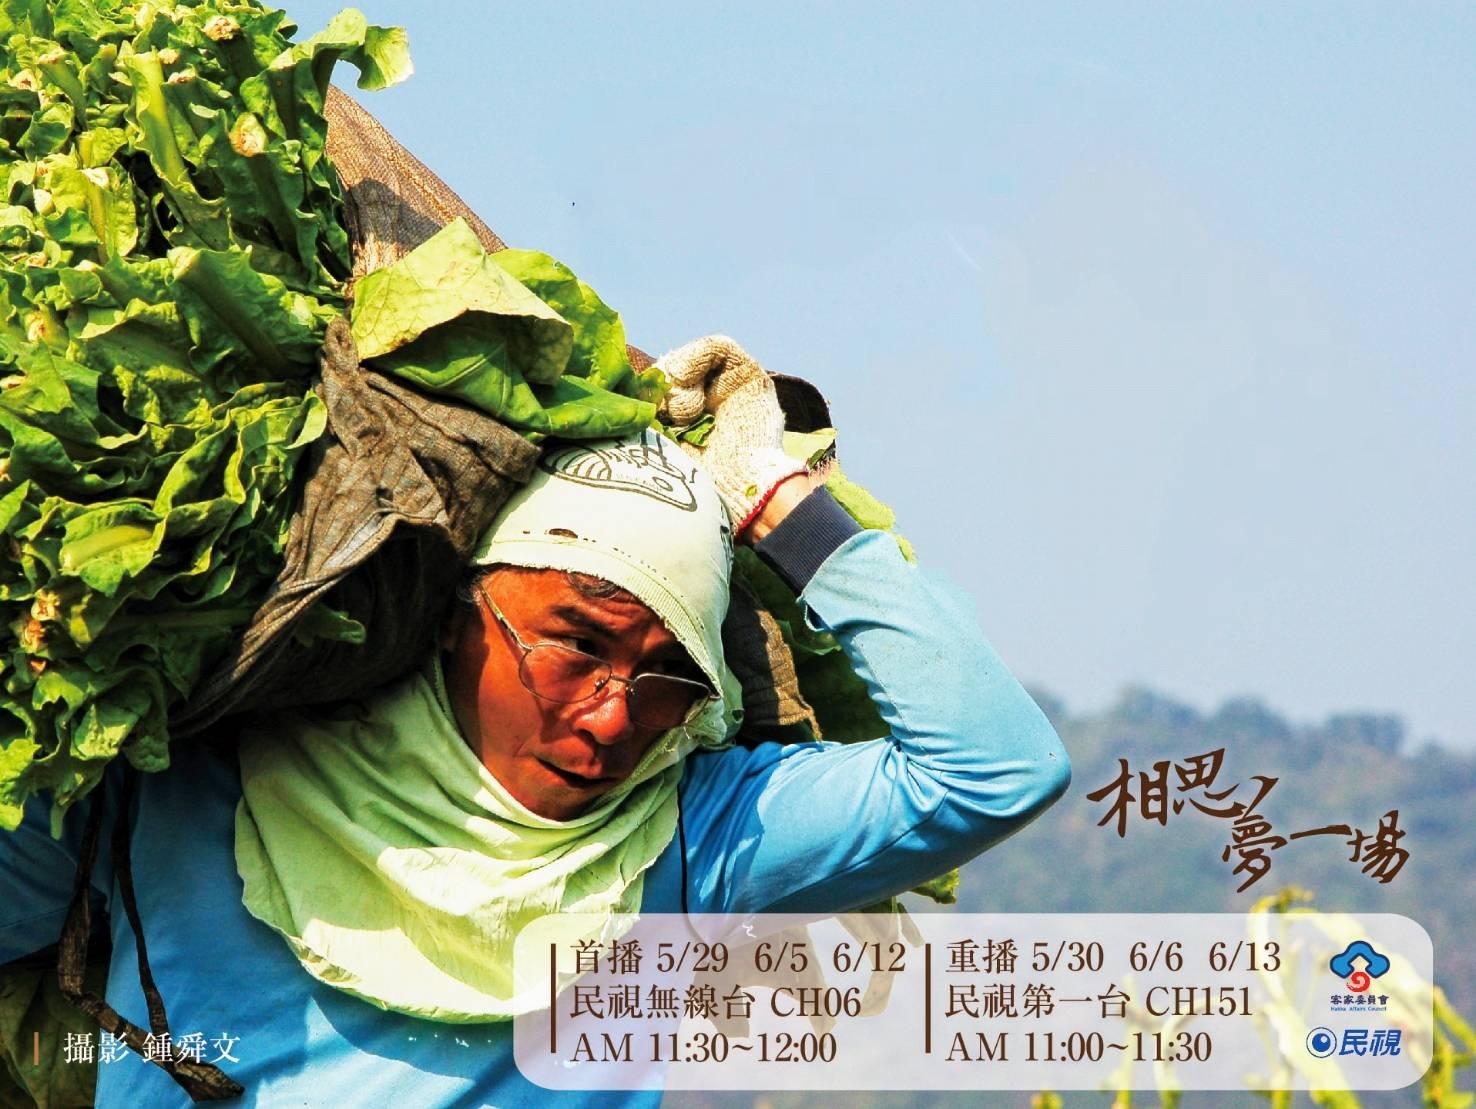 「相思一場夢--台灣菸業與客家」紀錄片,記錄台灣